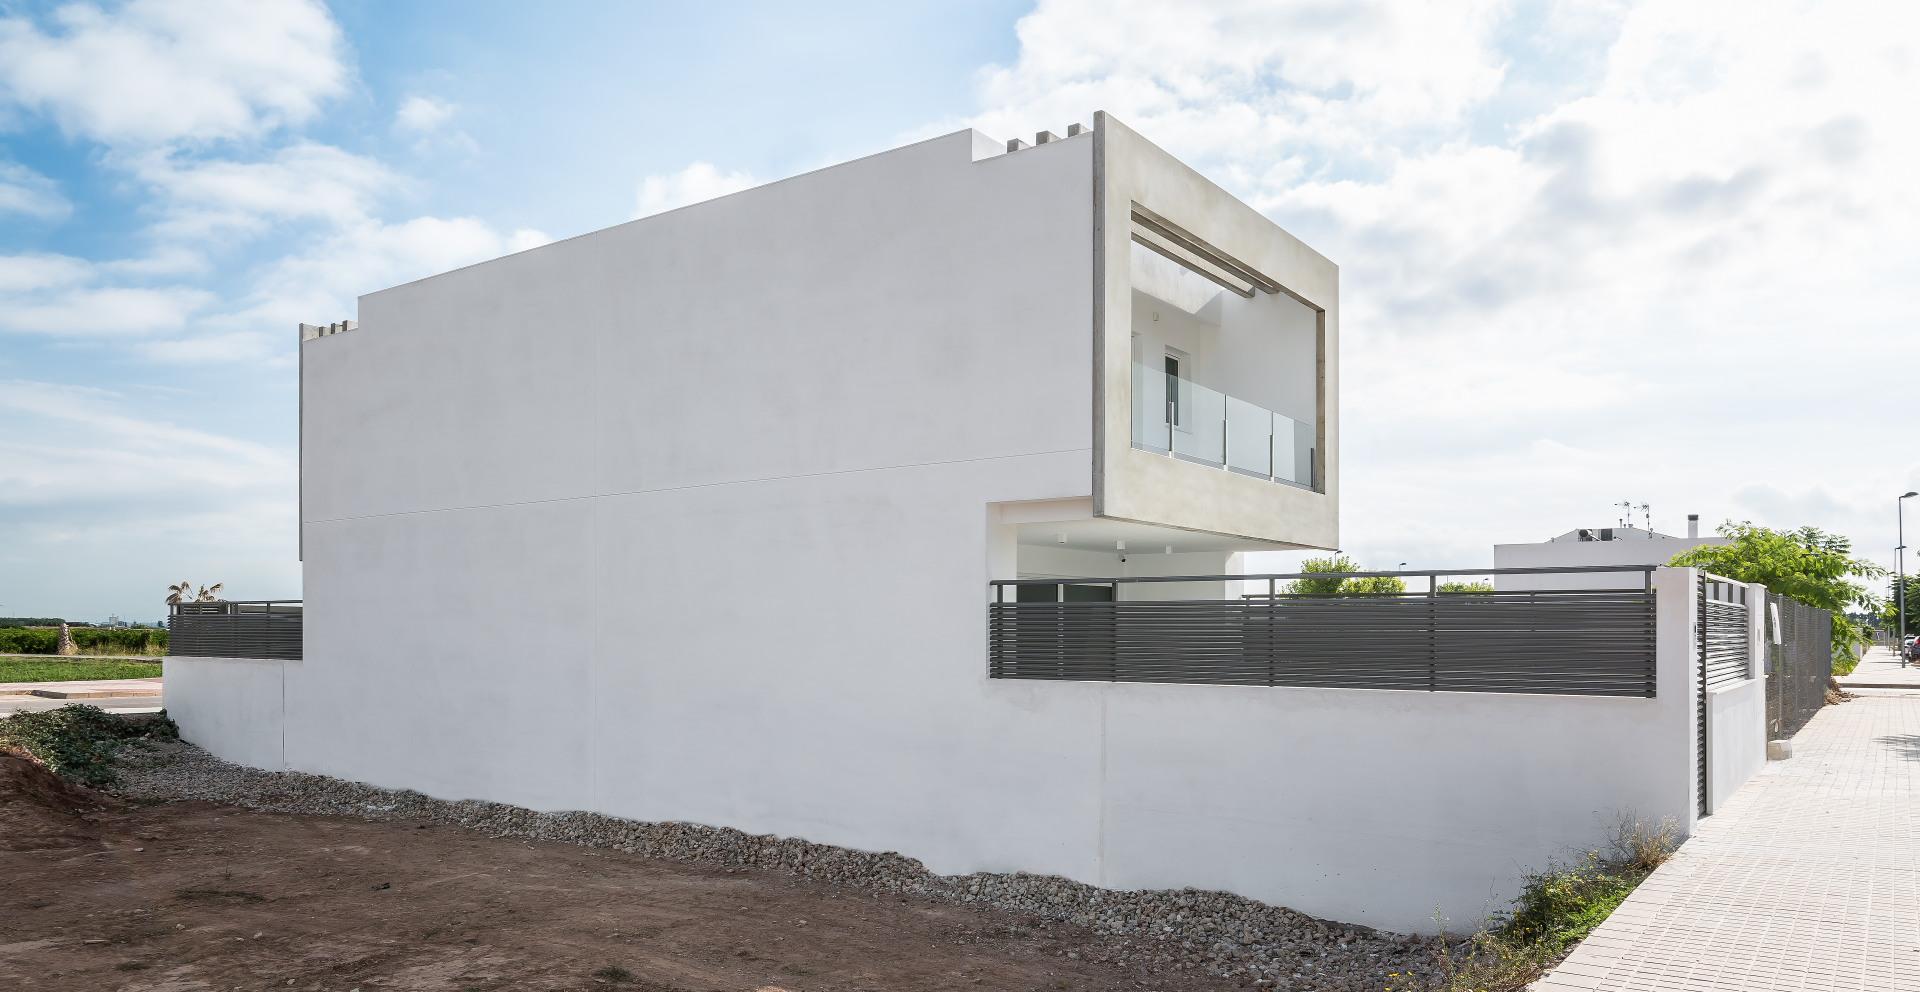 fotografia-arquitectura-valencia-puig-german-cabo-viraje-v15 (2)